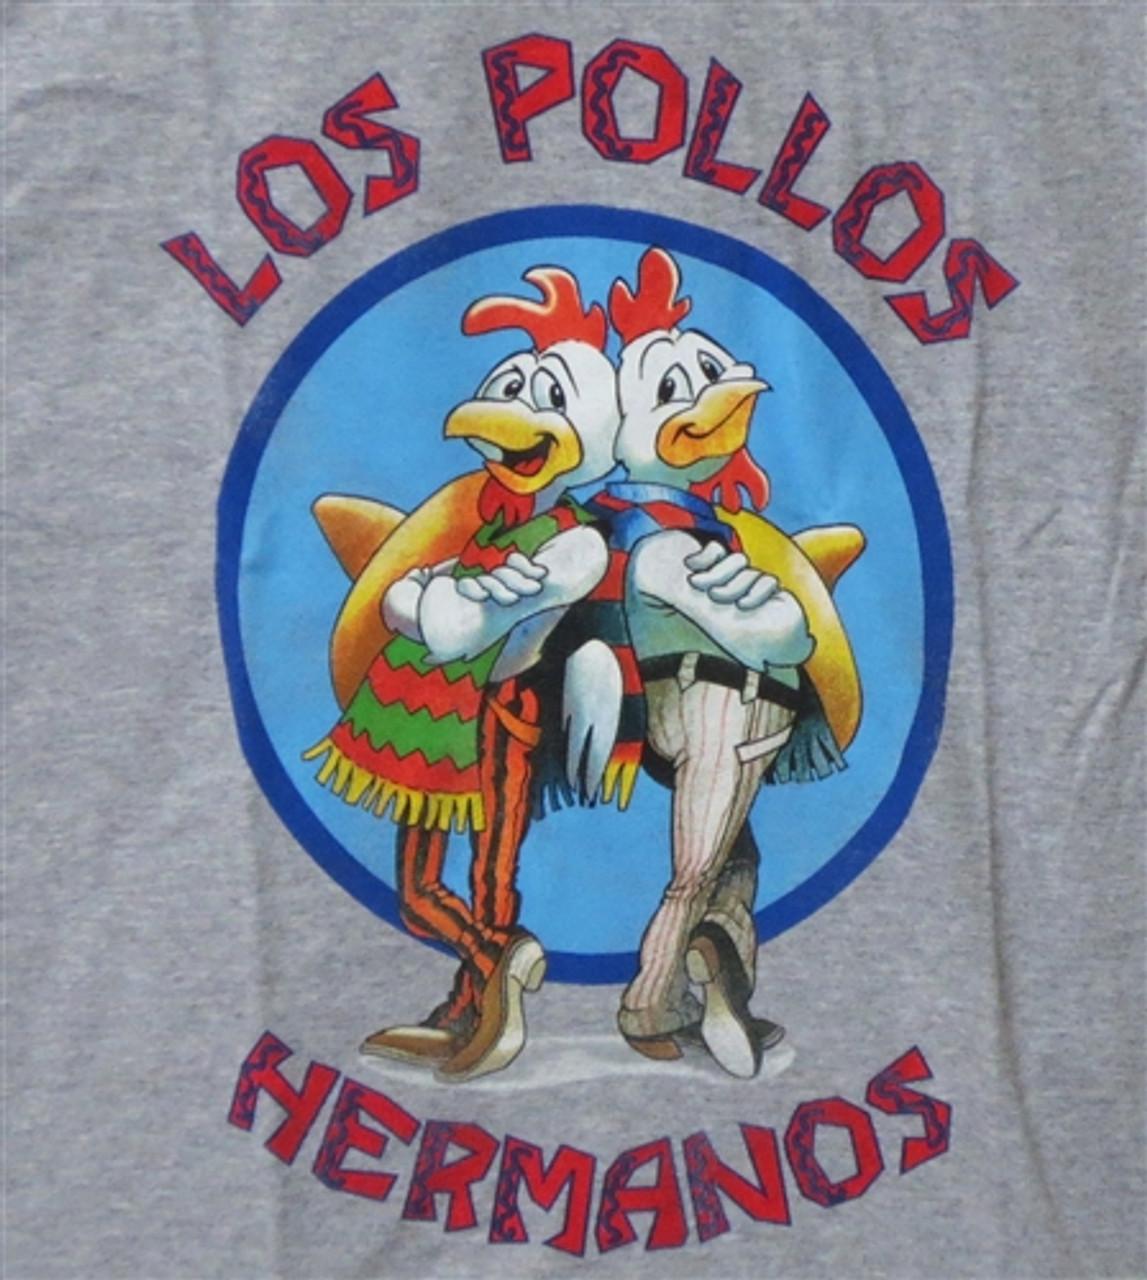 Breaking Bad Los Pollos Hermanos Logo Patch 3 1//2  inches wide